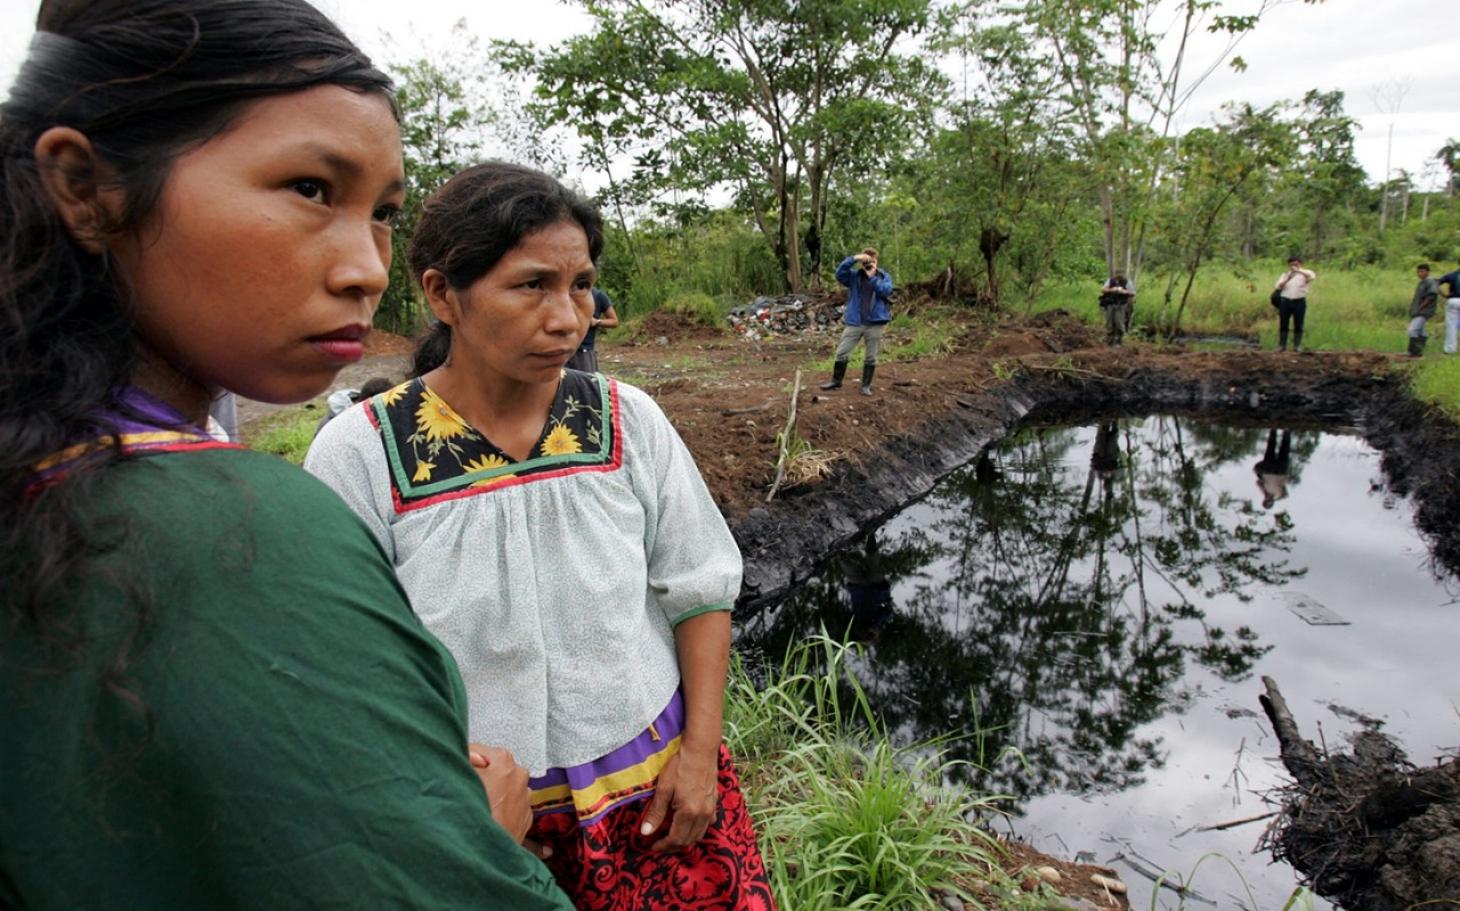 'Aljazeera'-k zabaldutako argazkian, Sucumbios probintziako herritar batzuk  Texaco-Chevronek petrolioz eta hura lurpetik erauzteko toxikoz kutsatutako aintzira baten ondoan. Amazonian multinazionalek kaltetutako herritarrok kexu dira Rafael Correaren or